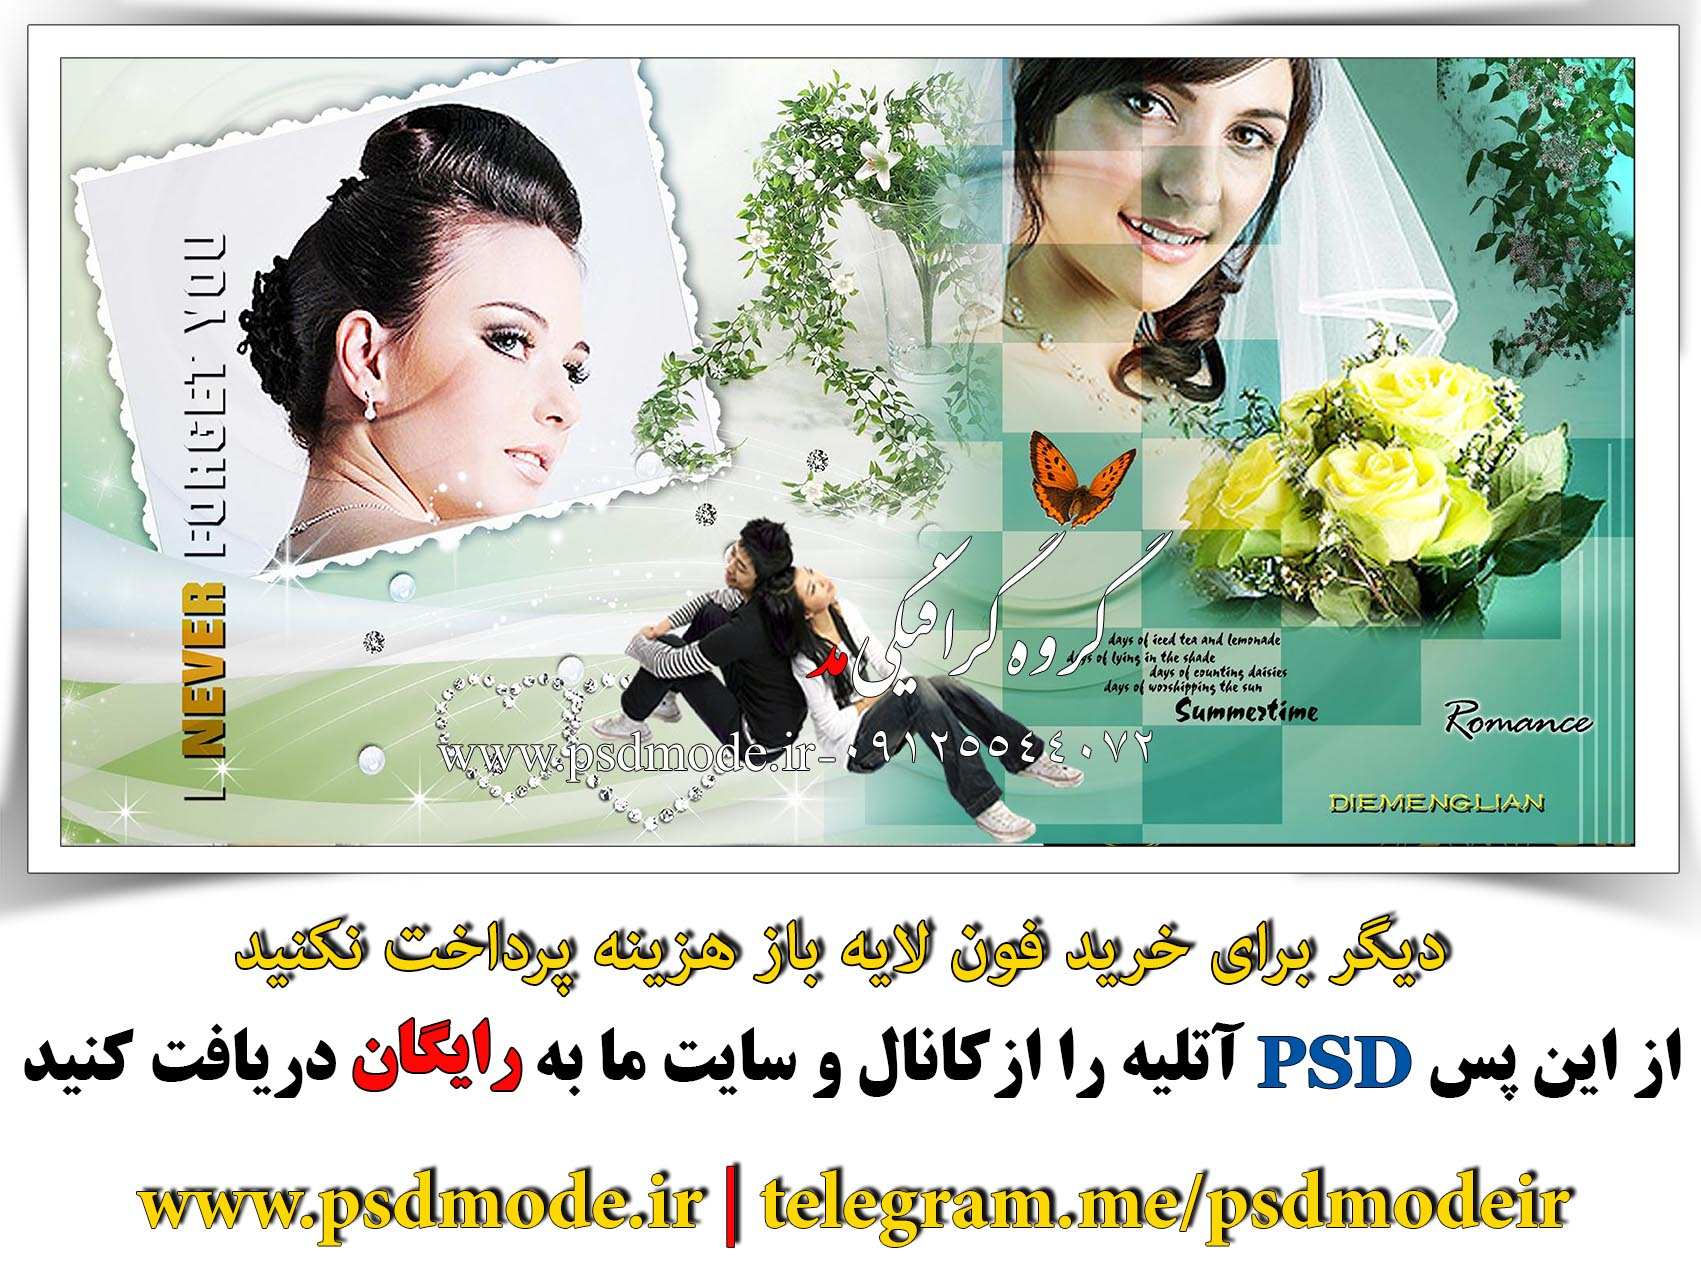 دانلود رایگان فون آلبوم ایتالیایی عروس و داماد ،گروه گرافیکی مد ، پی اس دی آتلیه